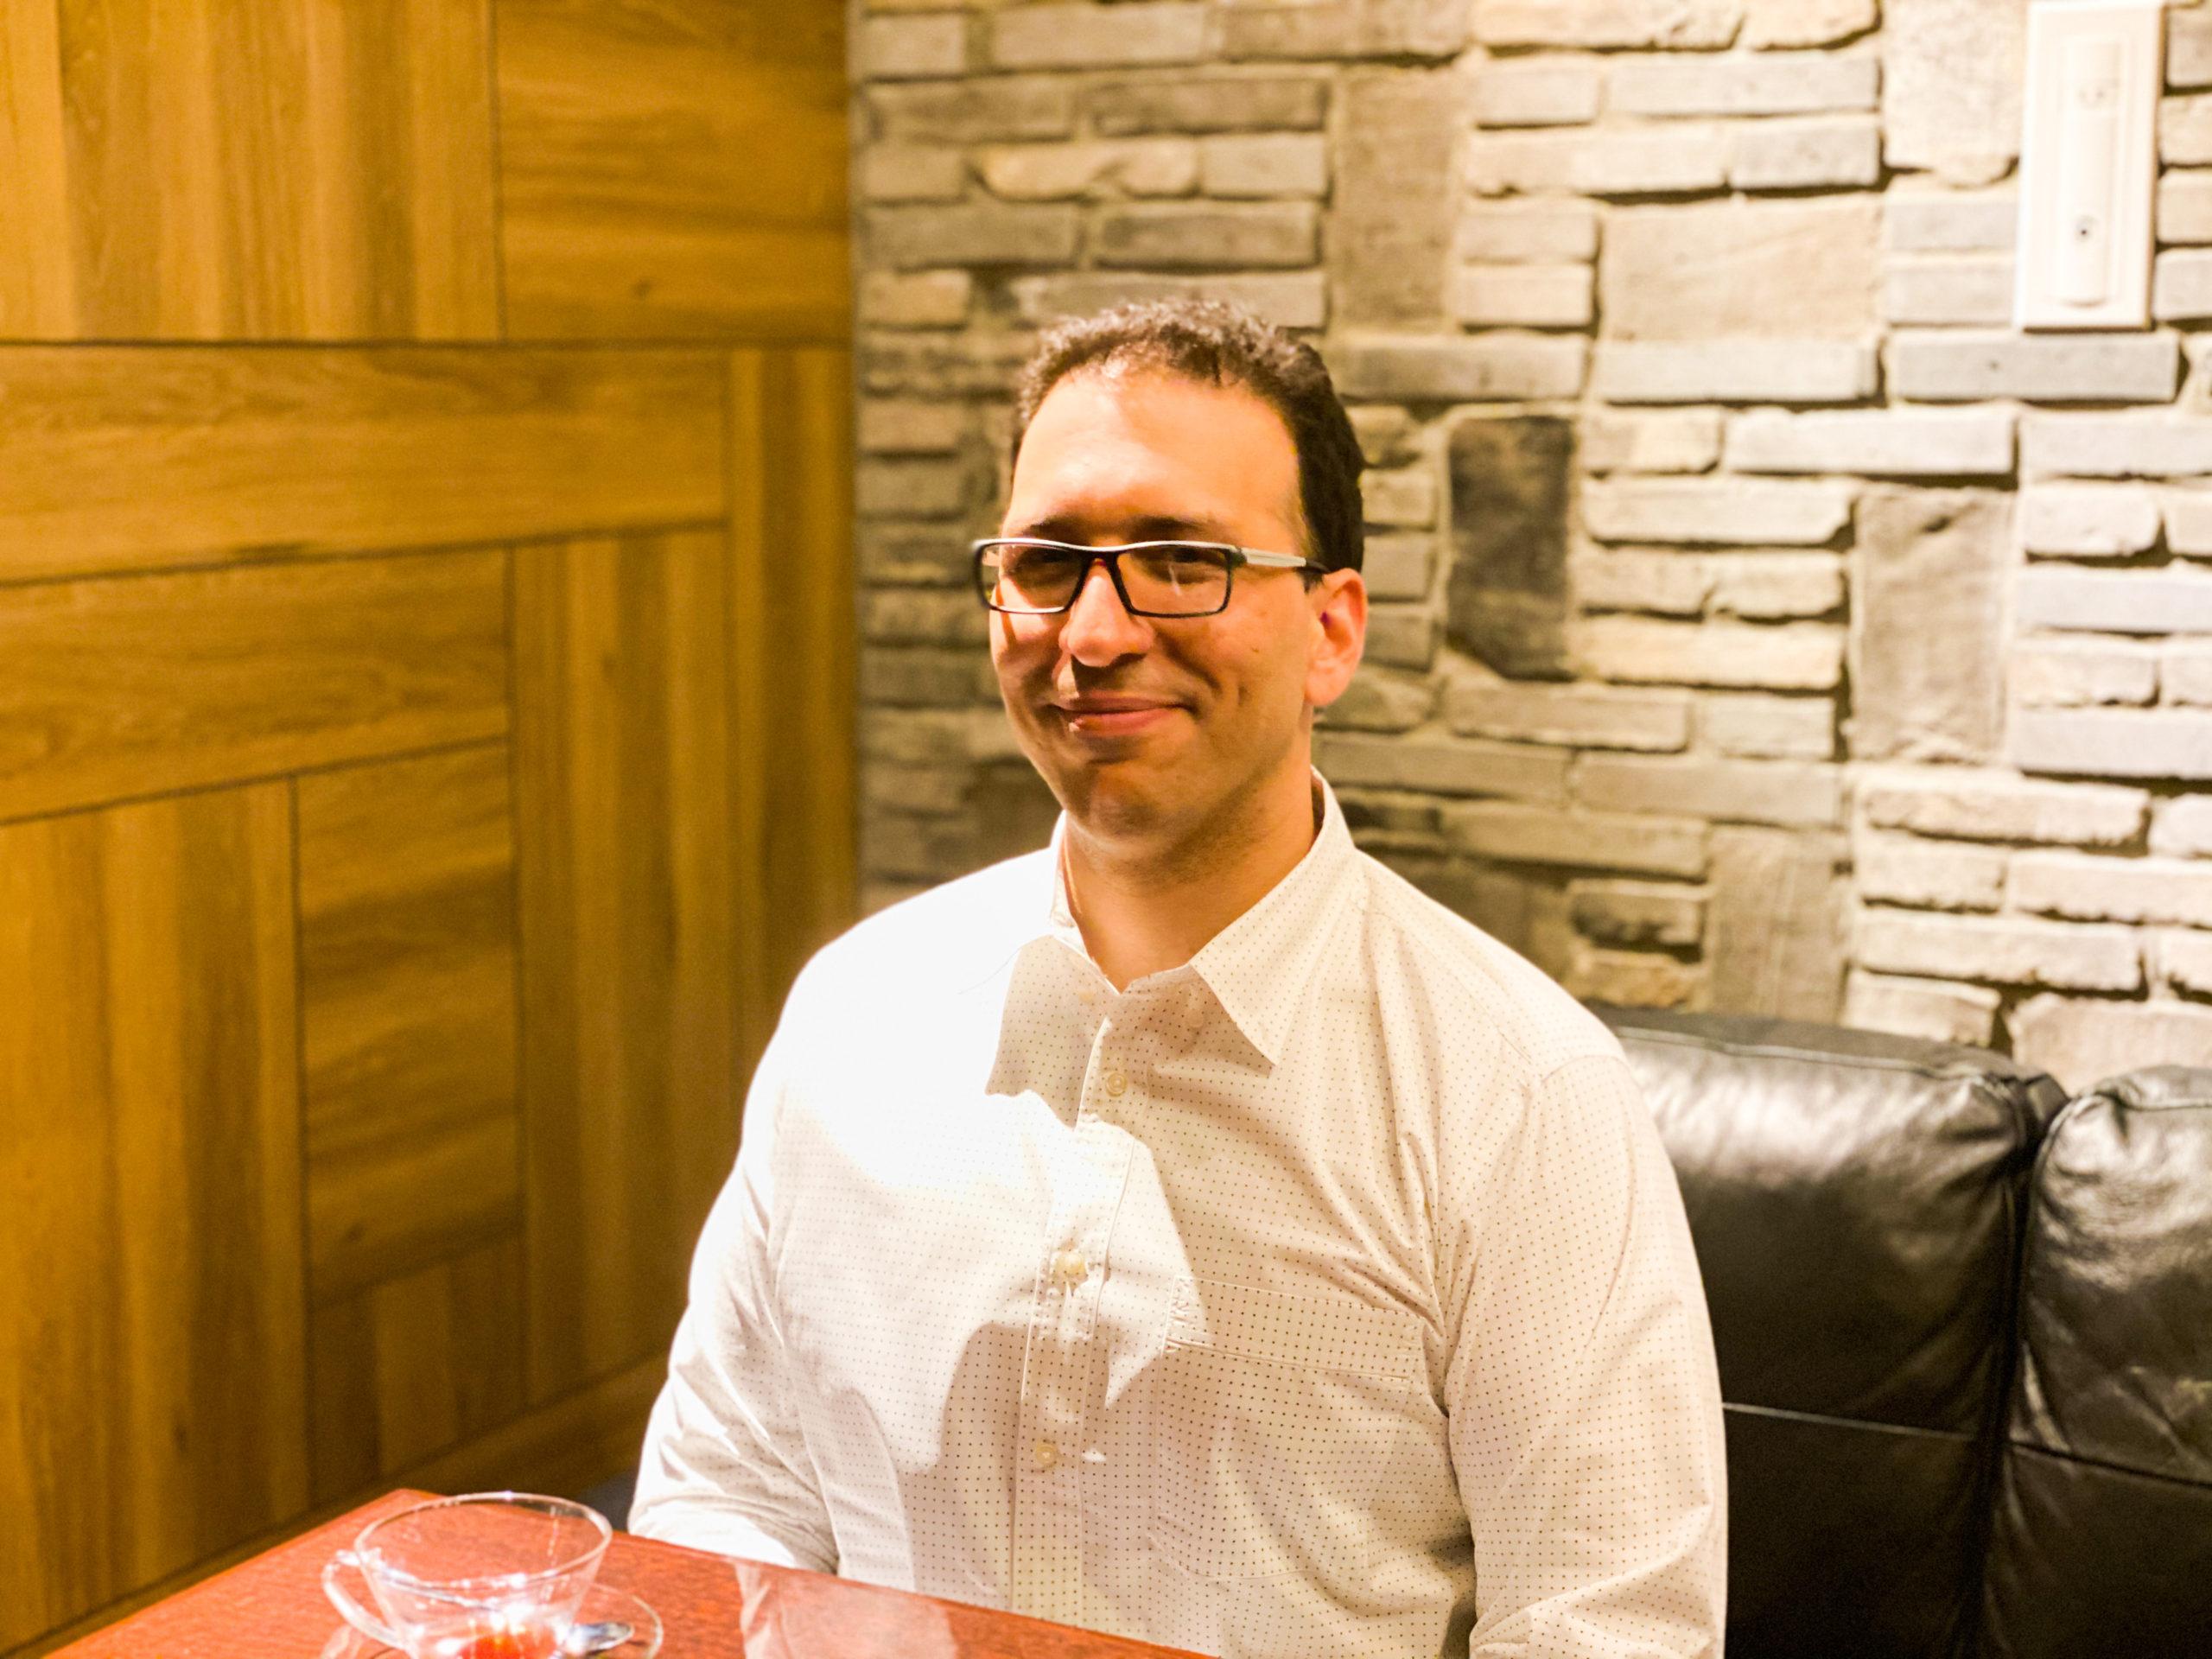 スタートアップ大国イスラエル出身のエンジニアに聞く、日本のIT業界のポテンシャルと活路